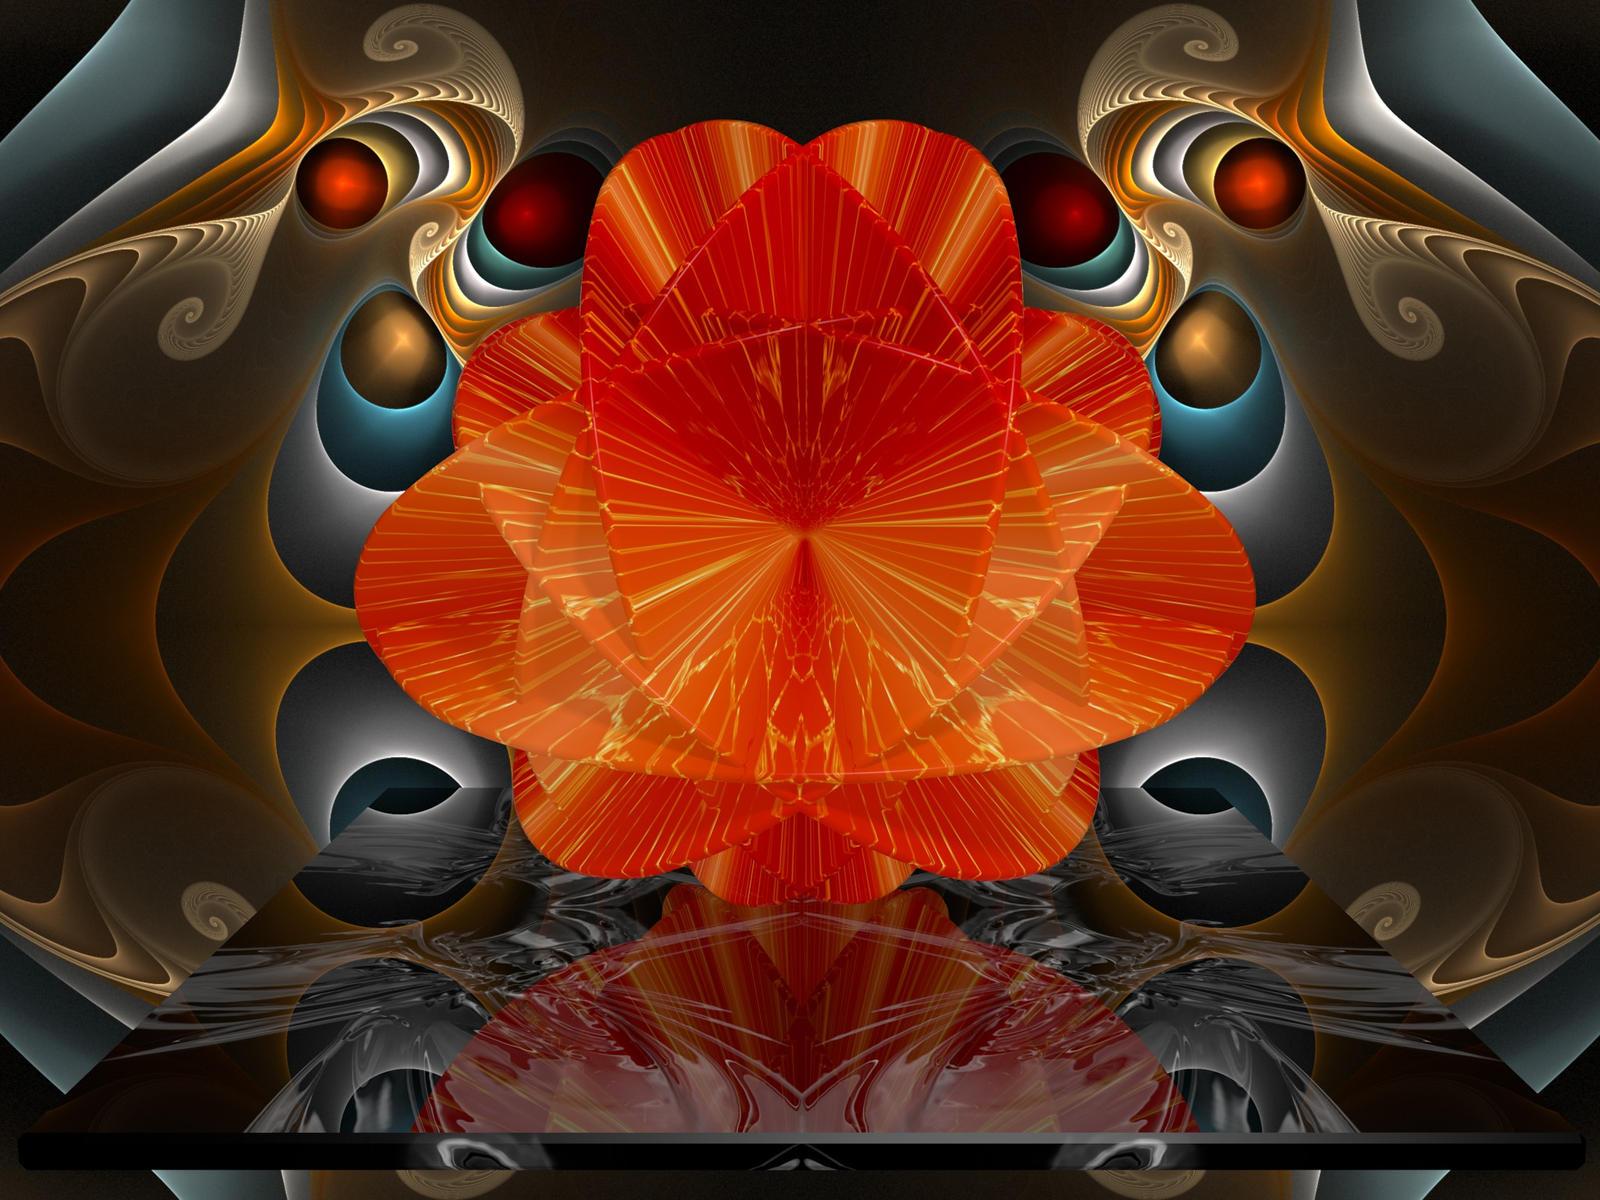 Bloodflower by Joe-Maccer